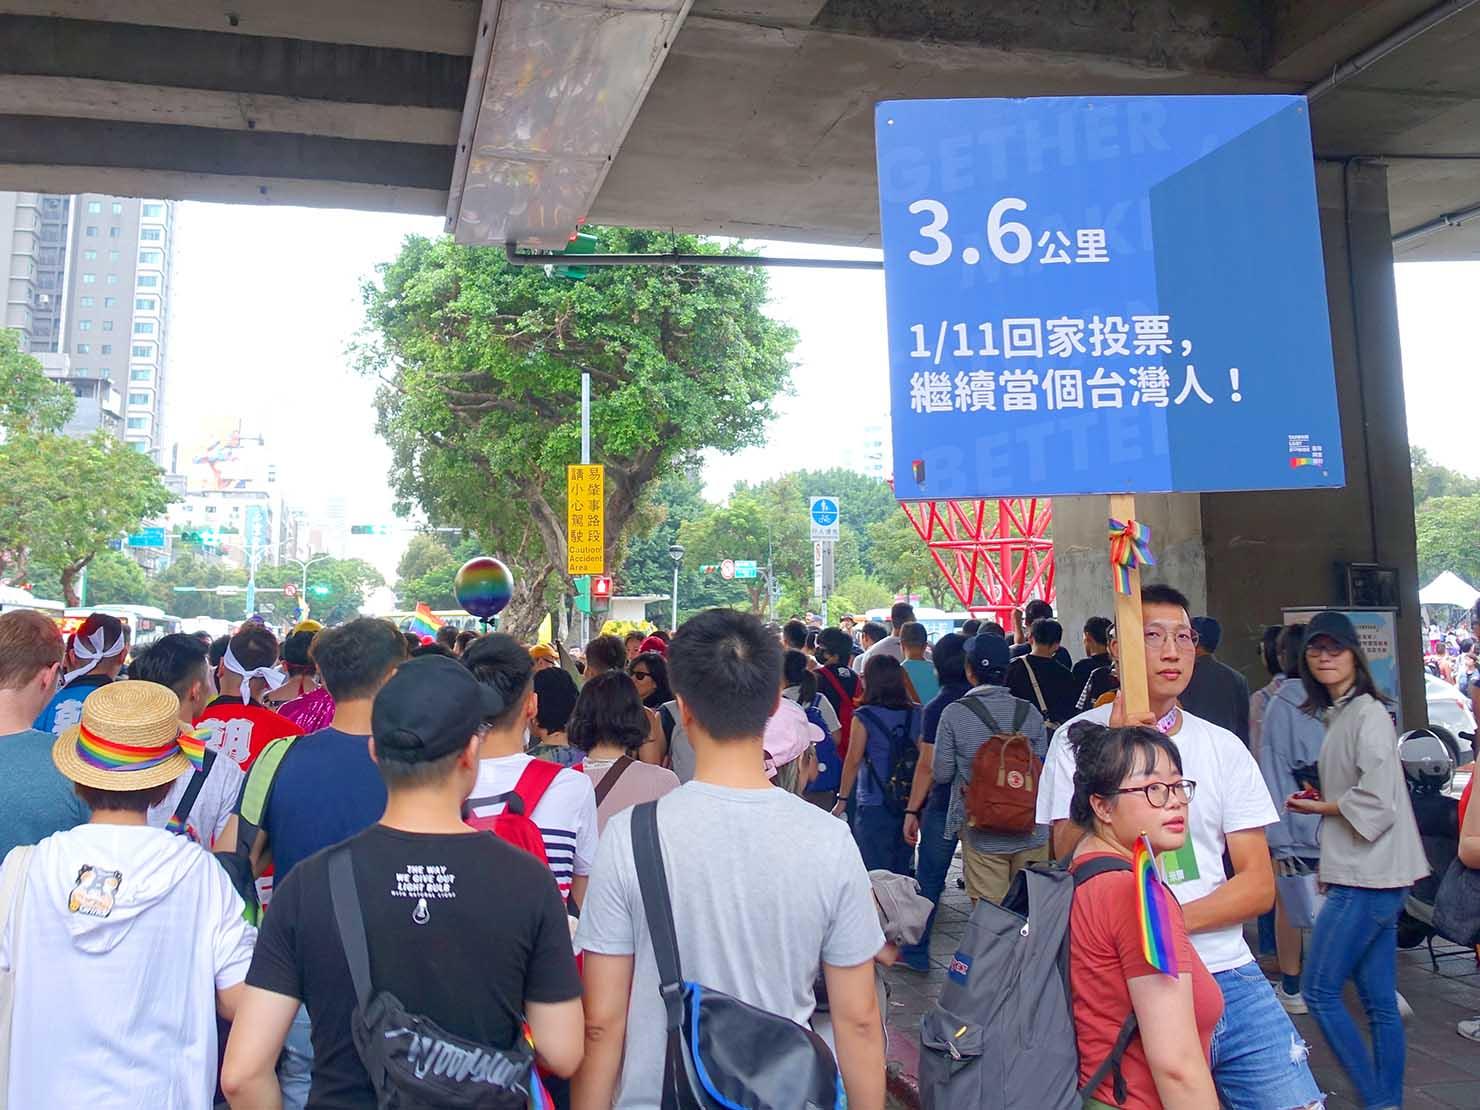 台灣同志遊行(台湾LGBTプライド)2019のパレードで投票を呼びかけるプラカード